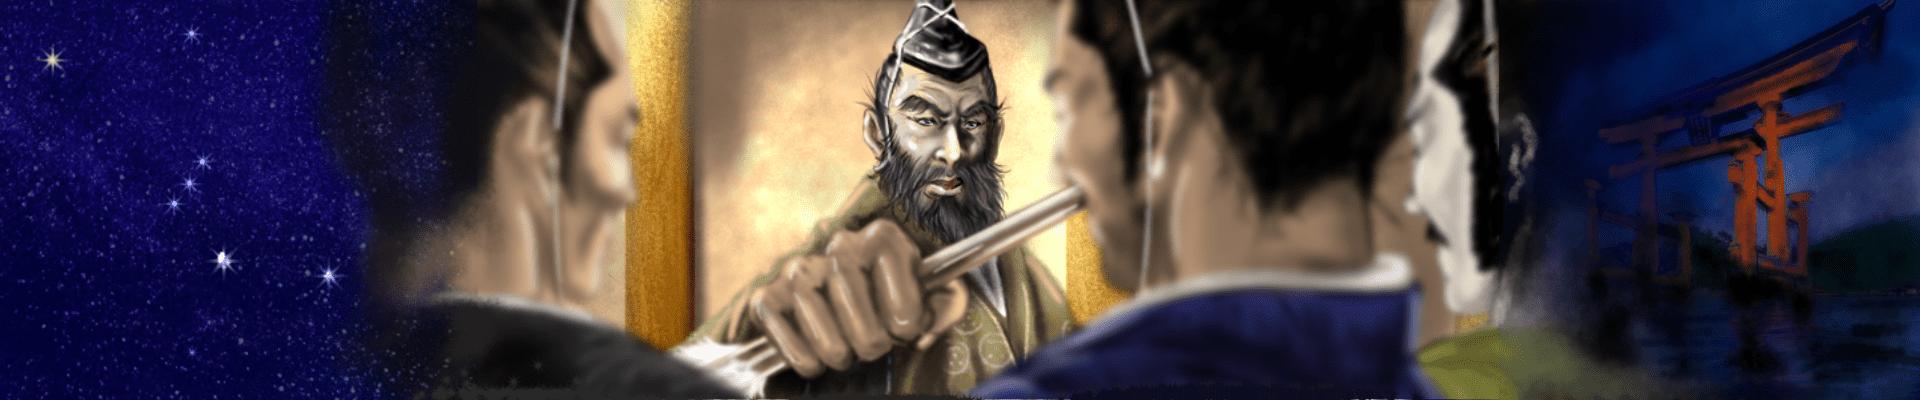 毛利元就のメインビジュアル(三本の矢の逸話)